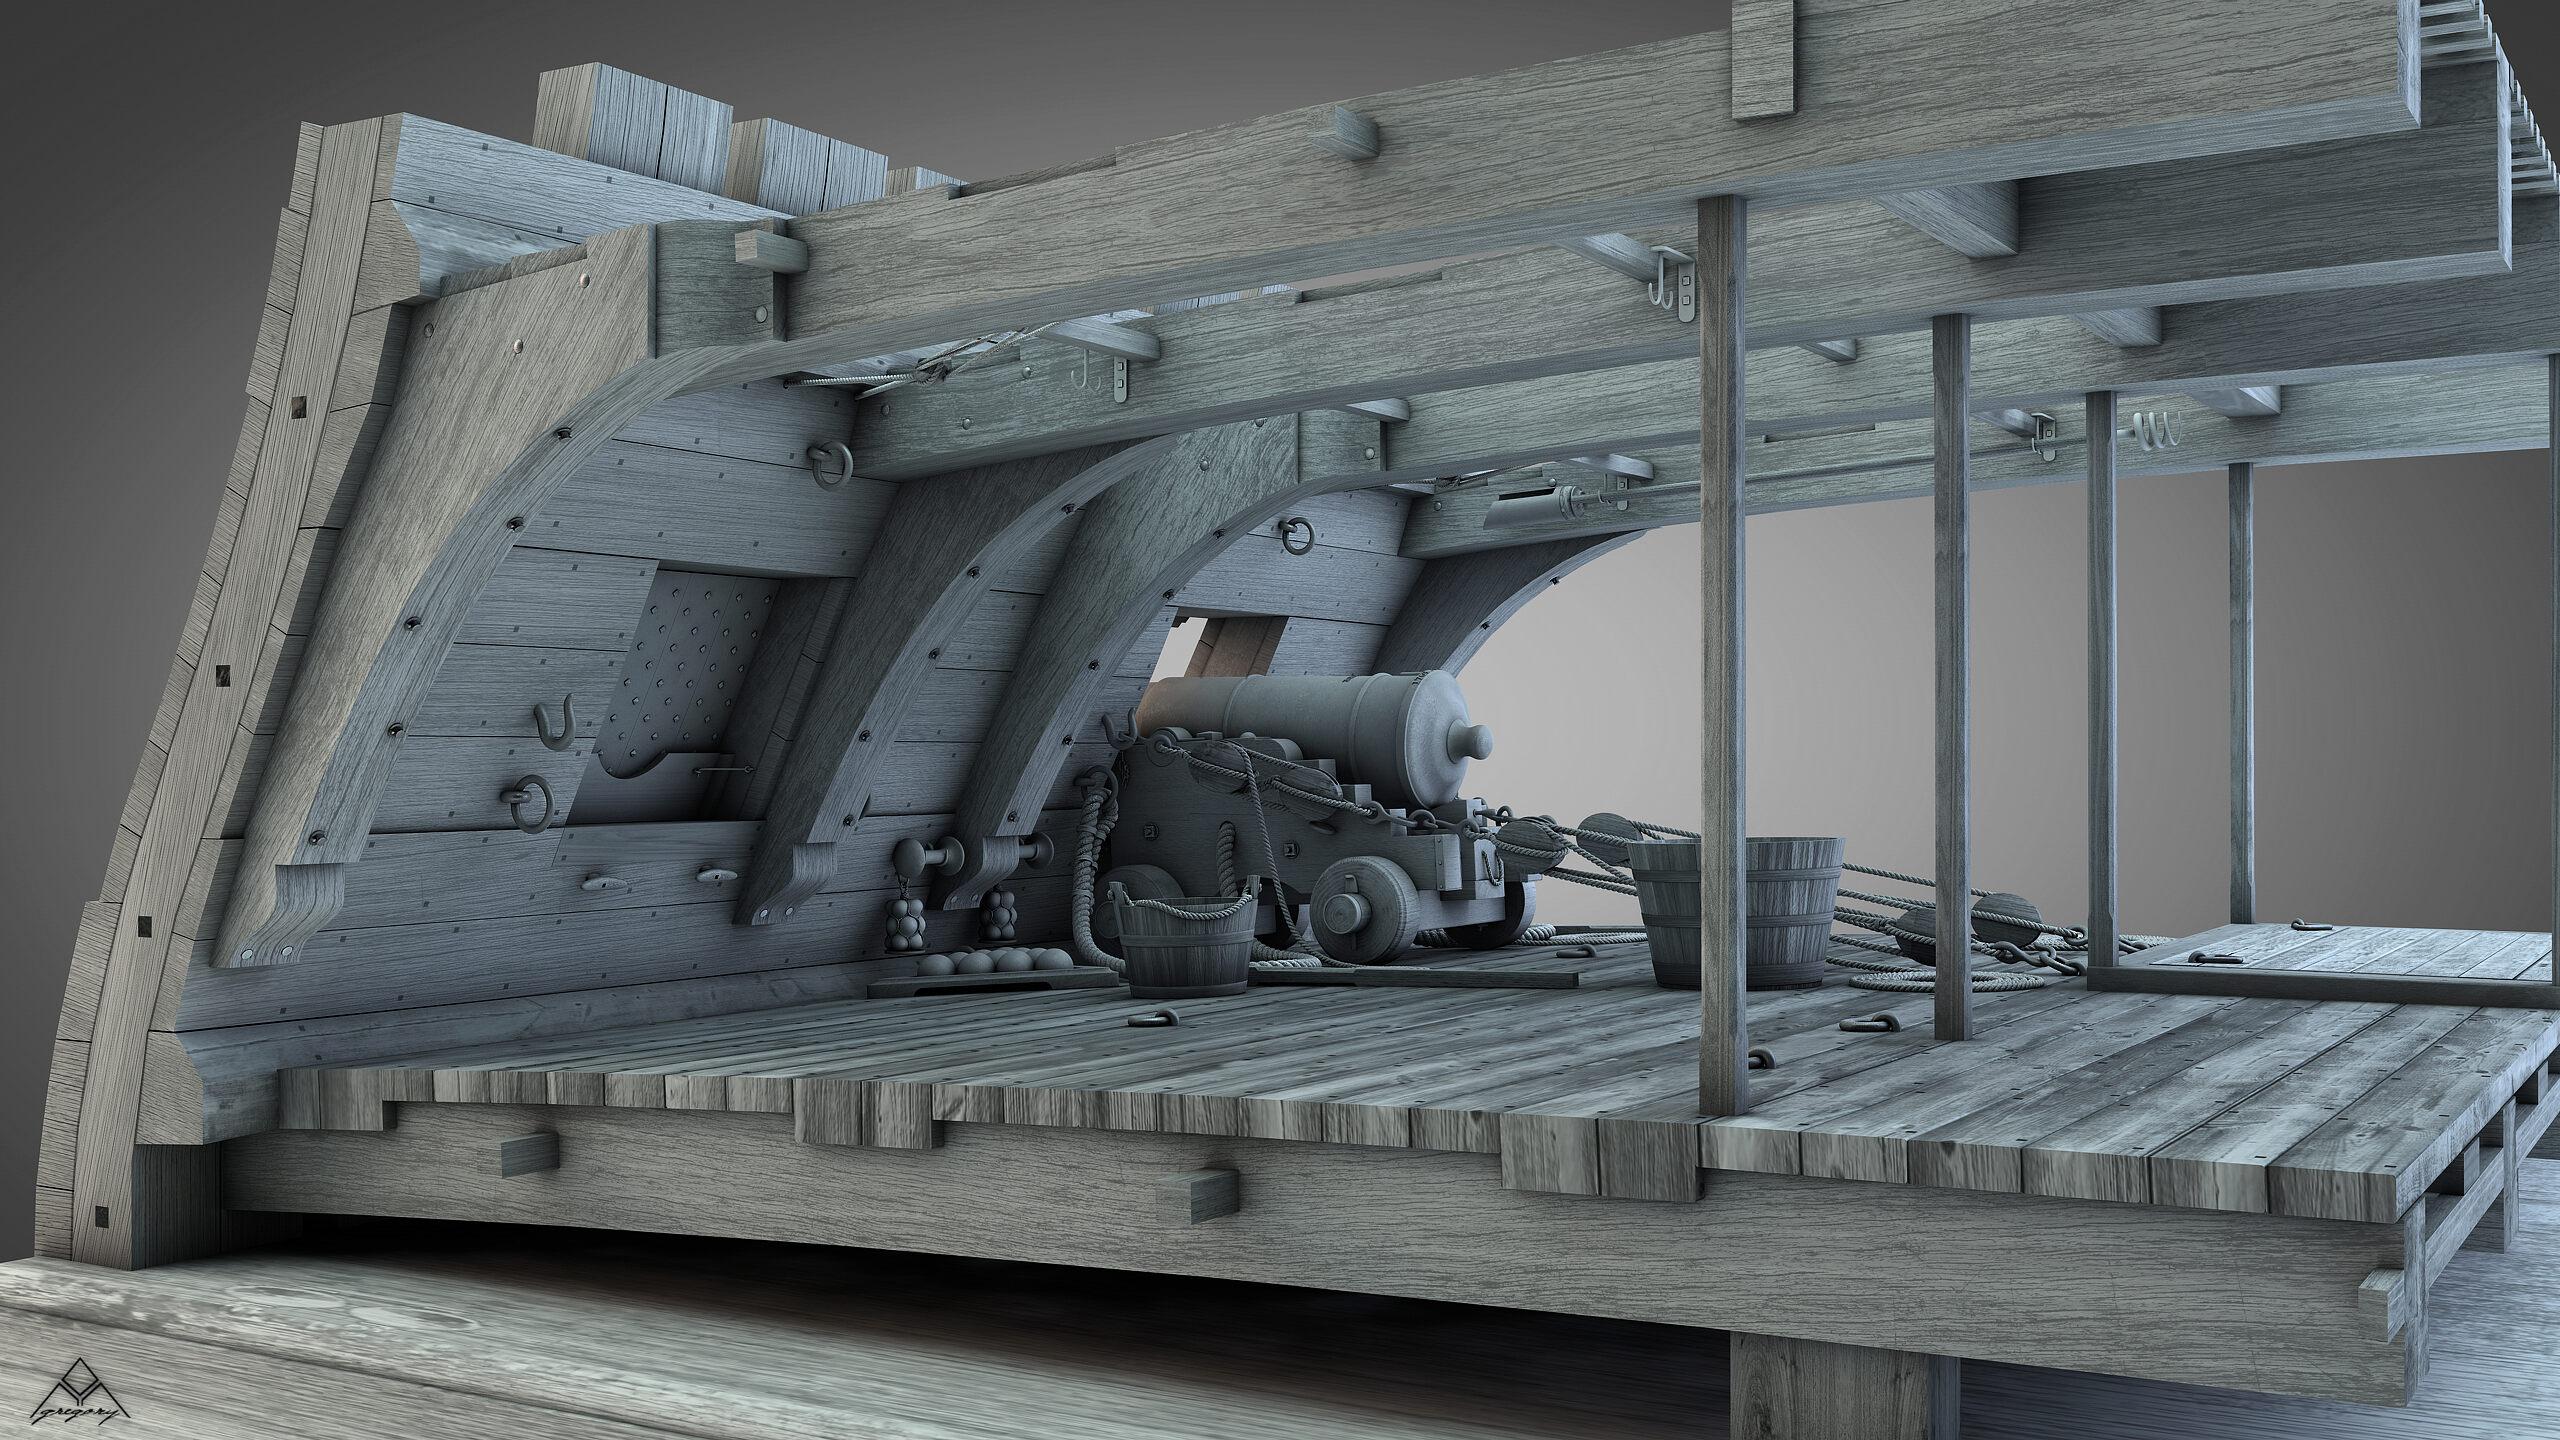 Canons de vaisseau 74 canons (Création 3D) par Greg_3D - Page 9 Gregor55